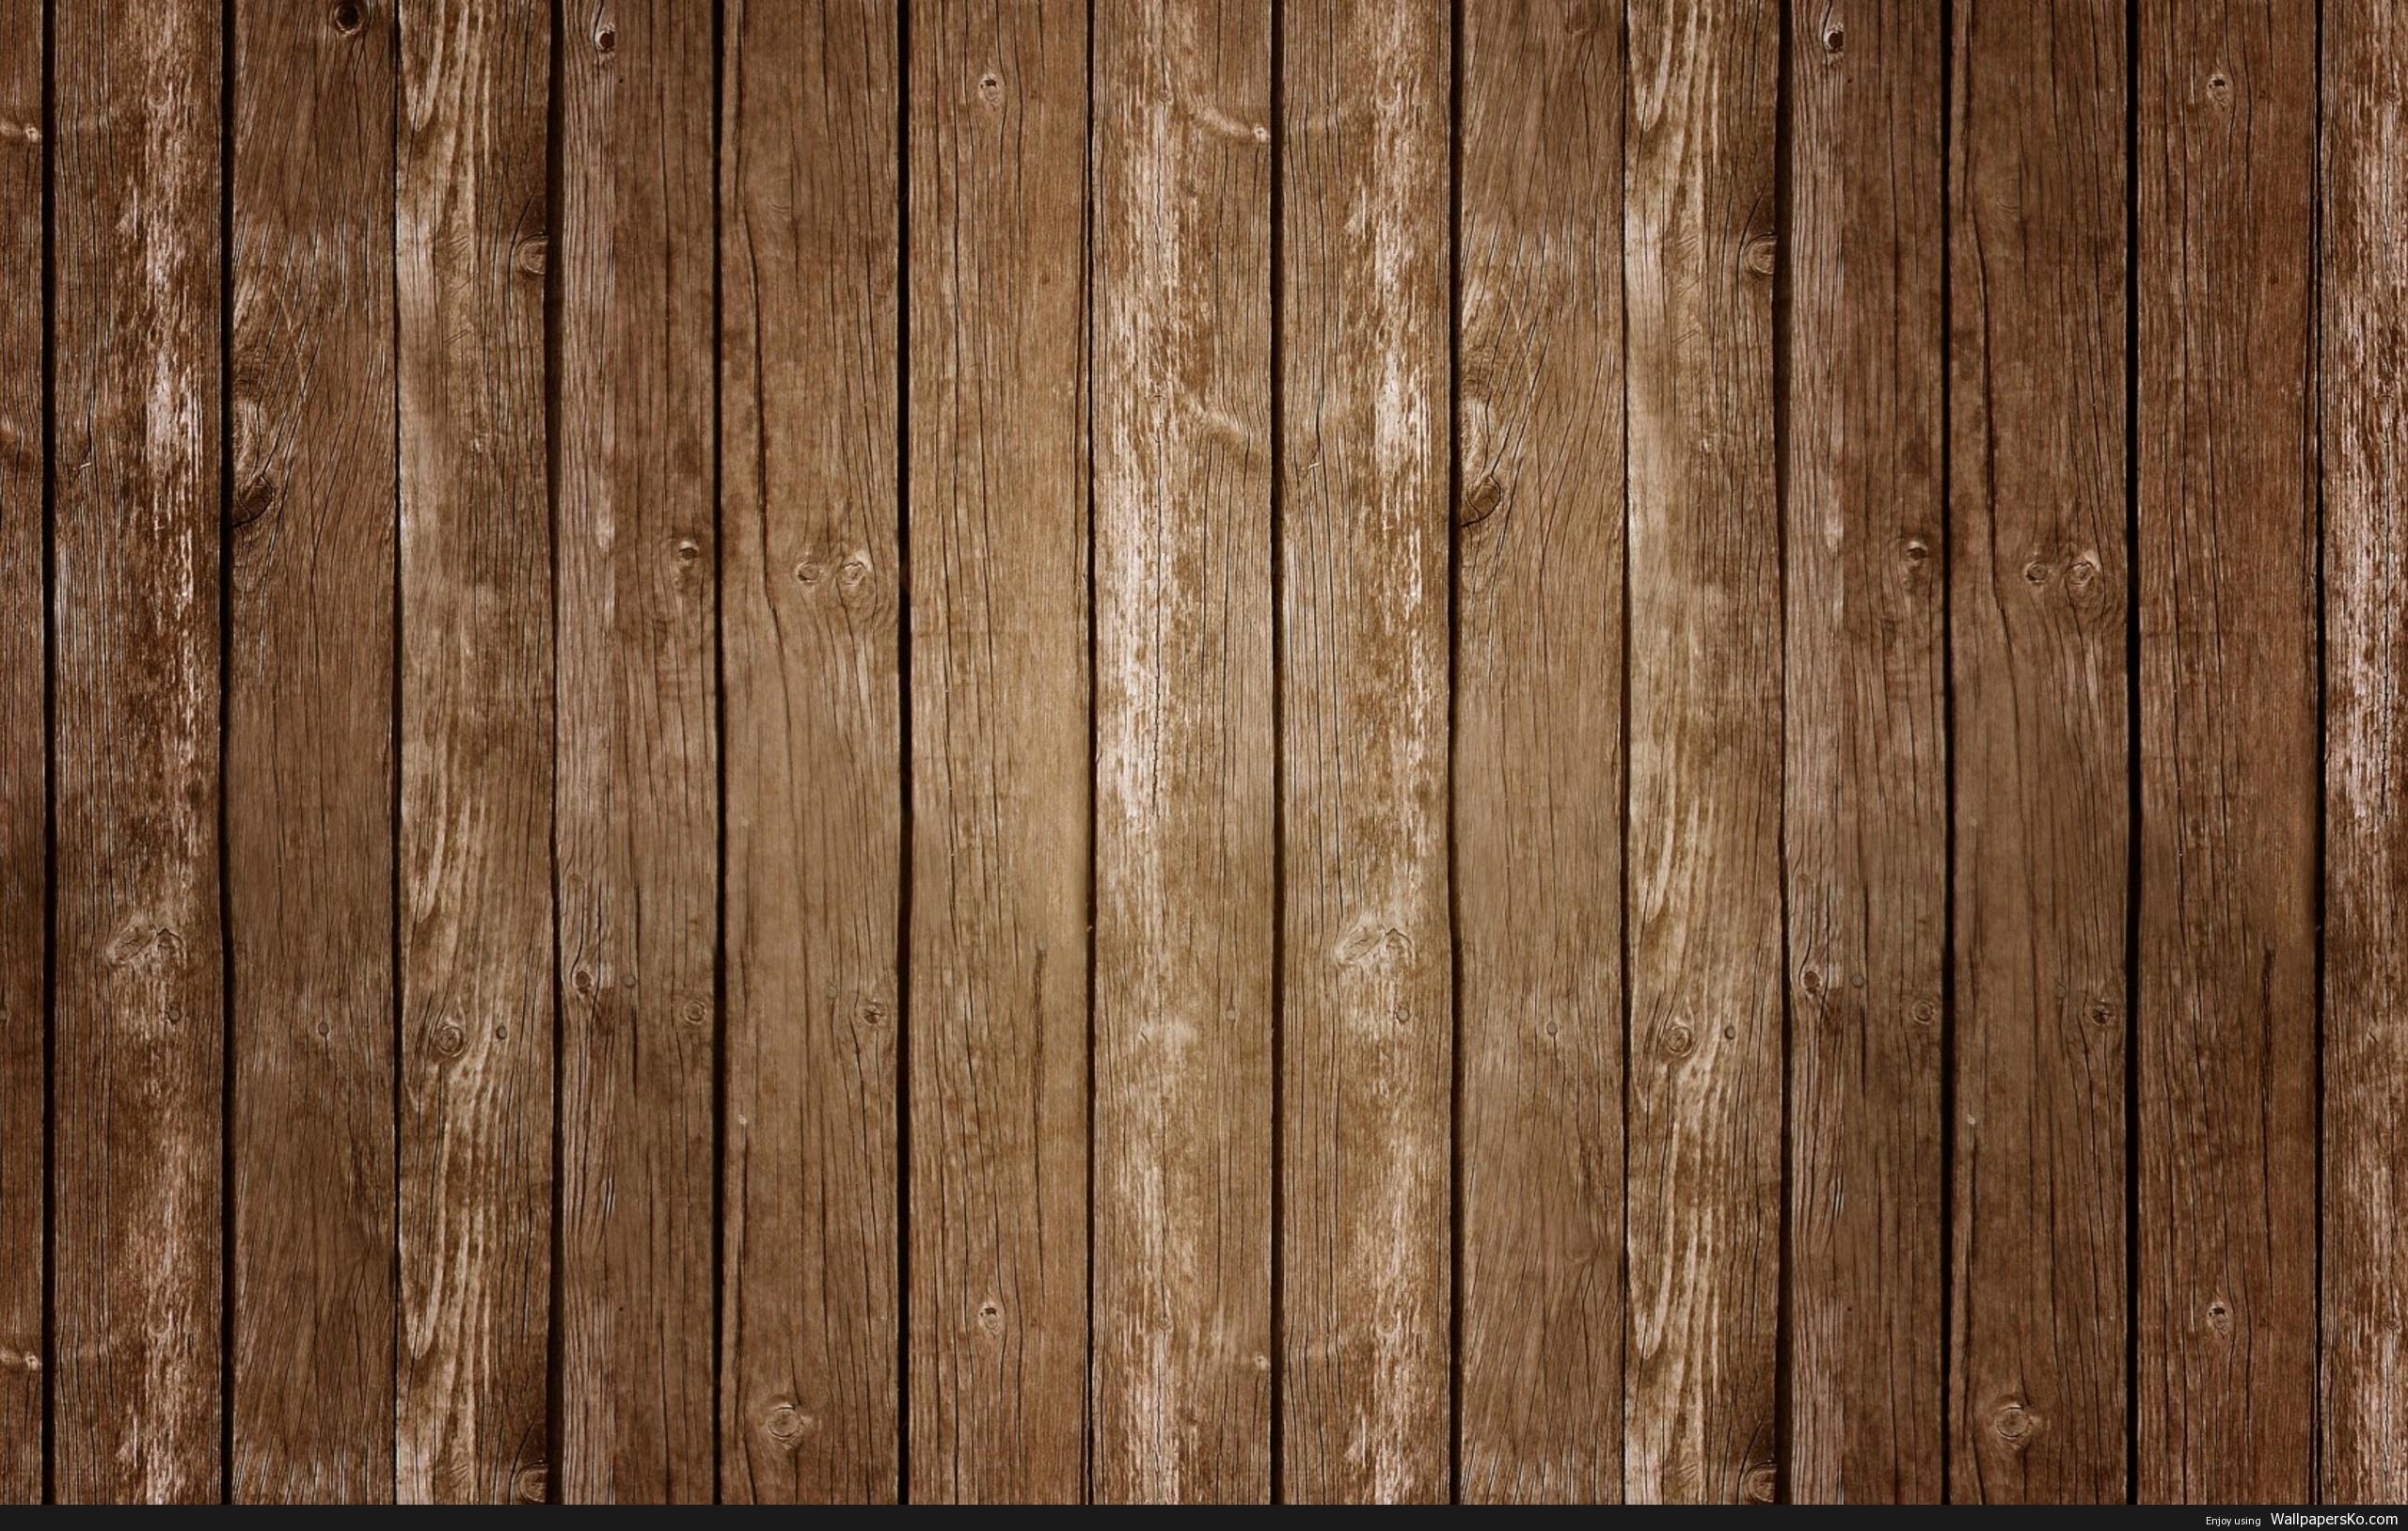 Wooden Wallpaper Hd